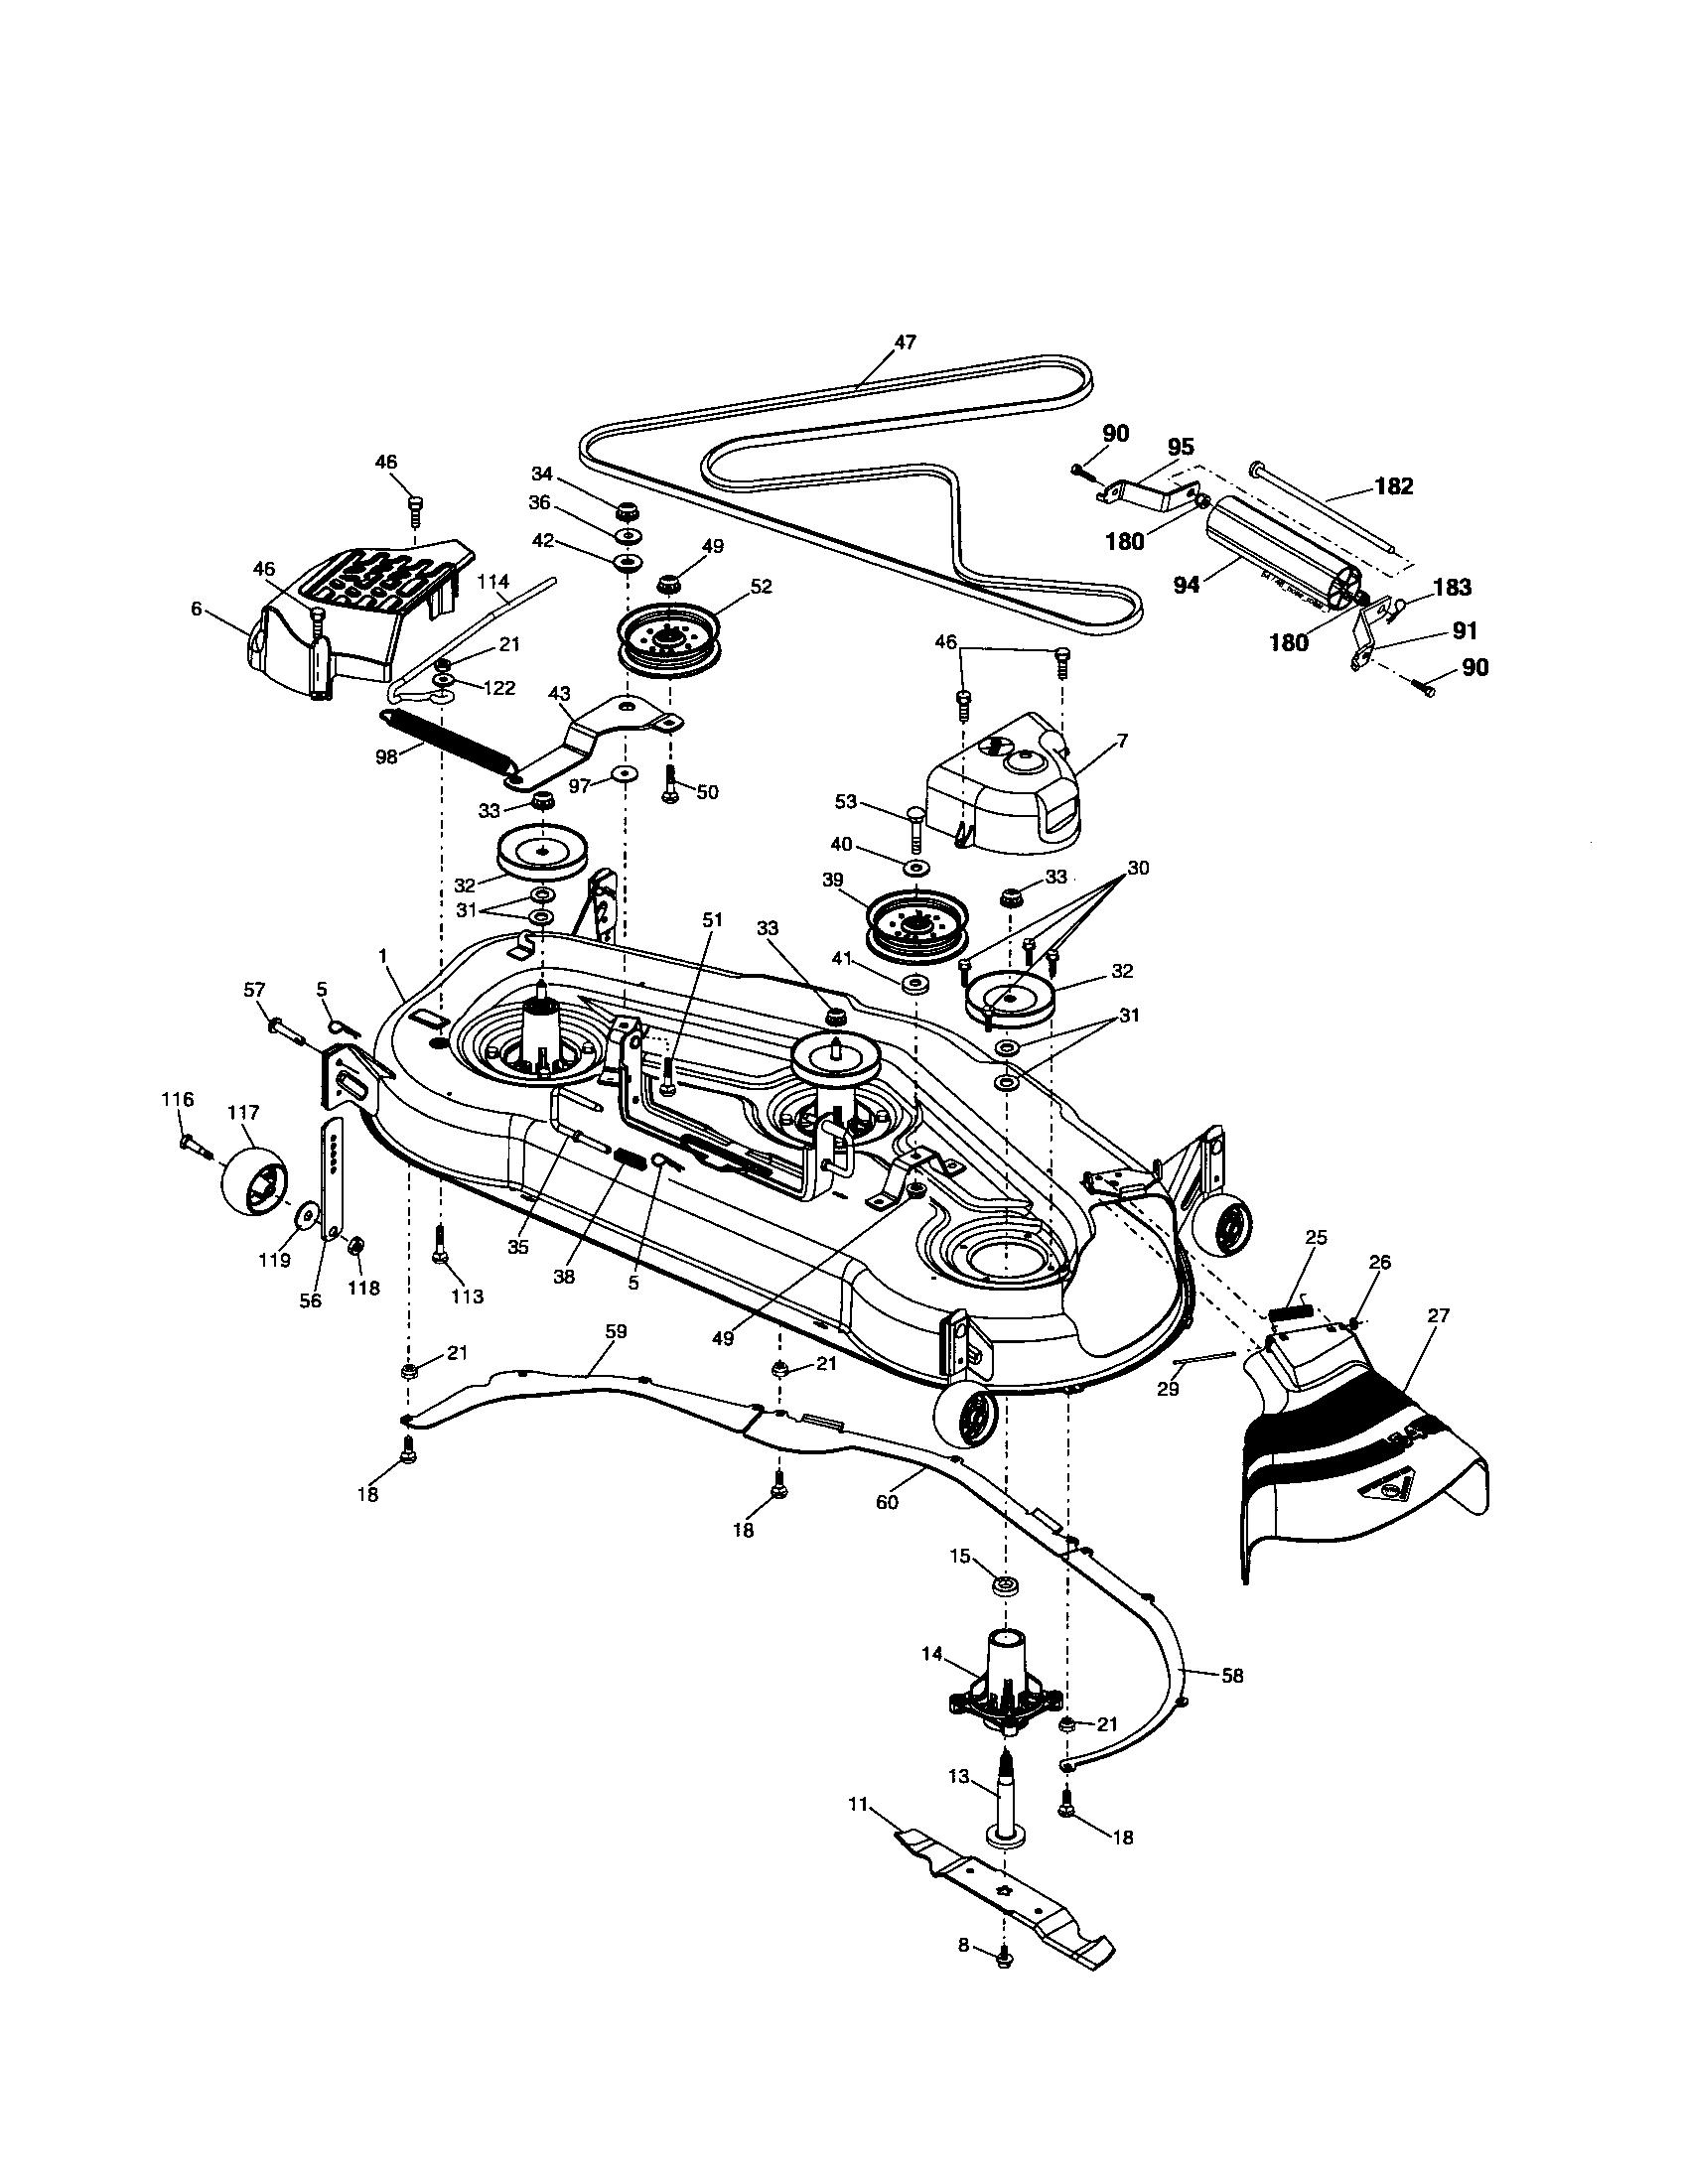 Husqvarna Lawn Mower Parts Manual